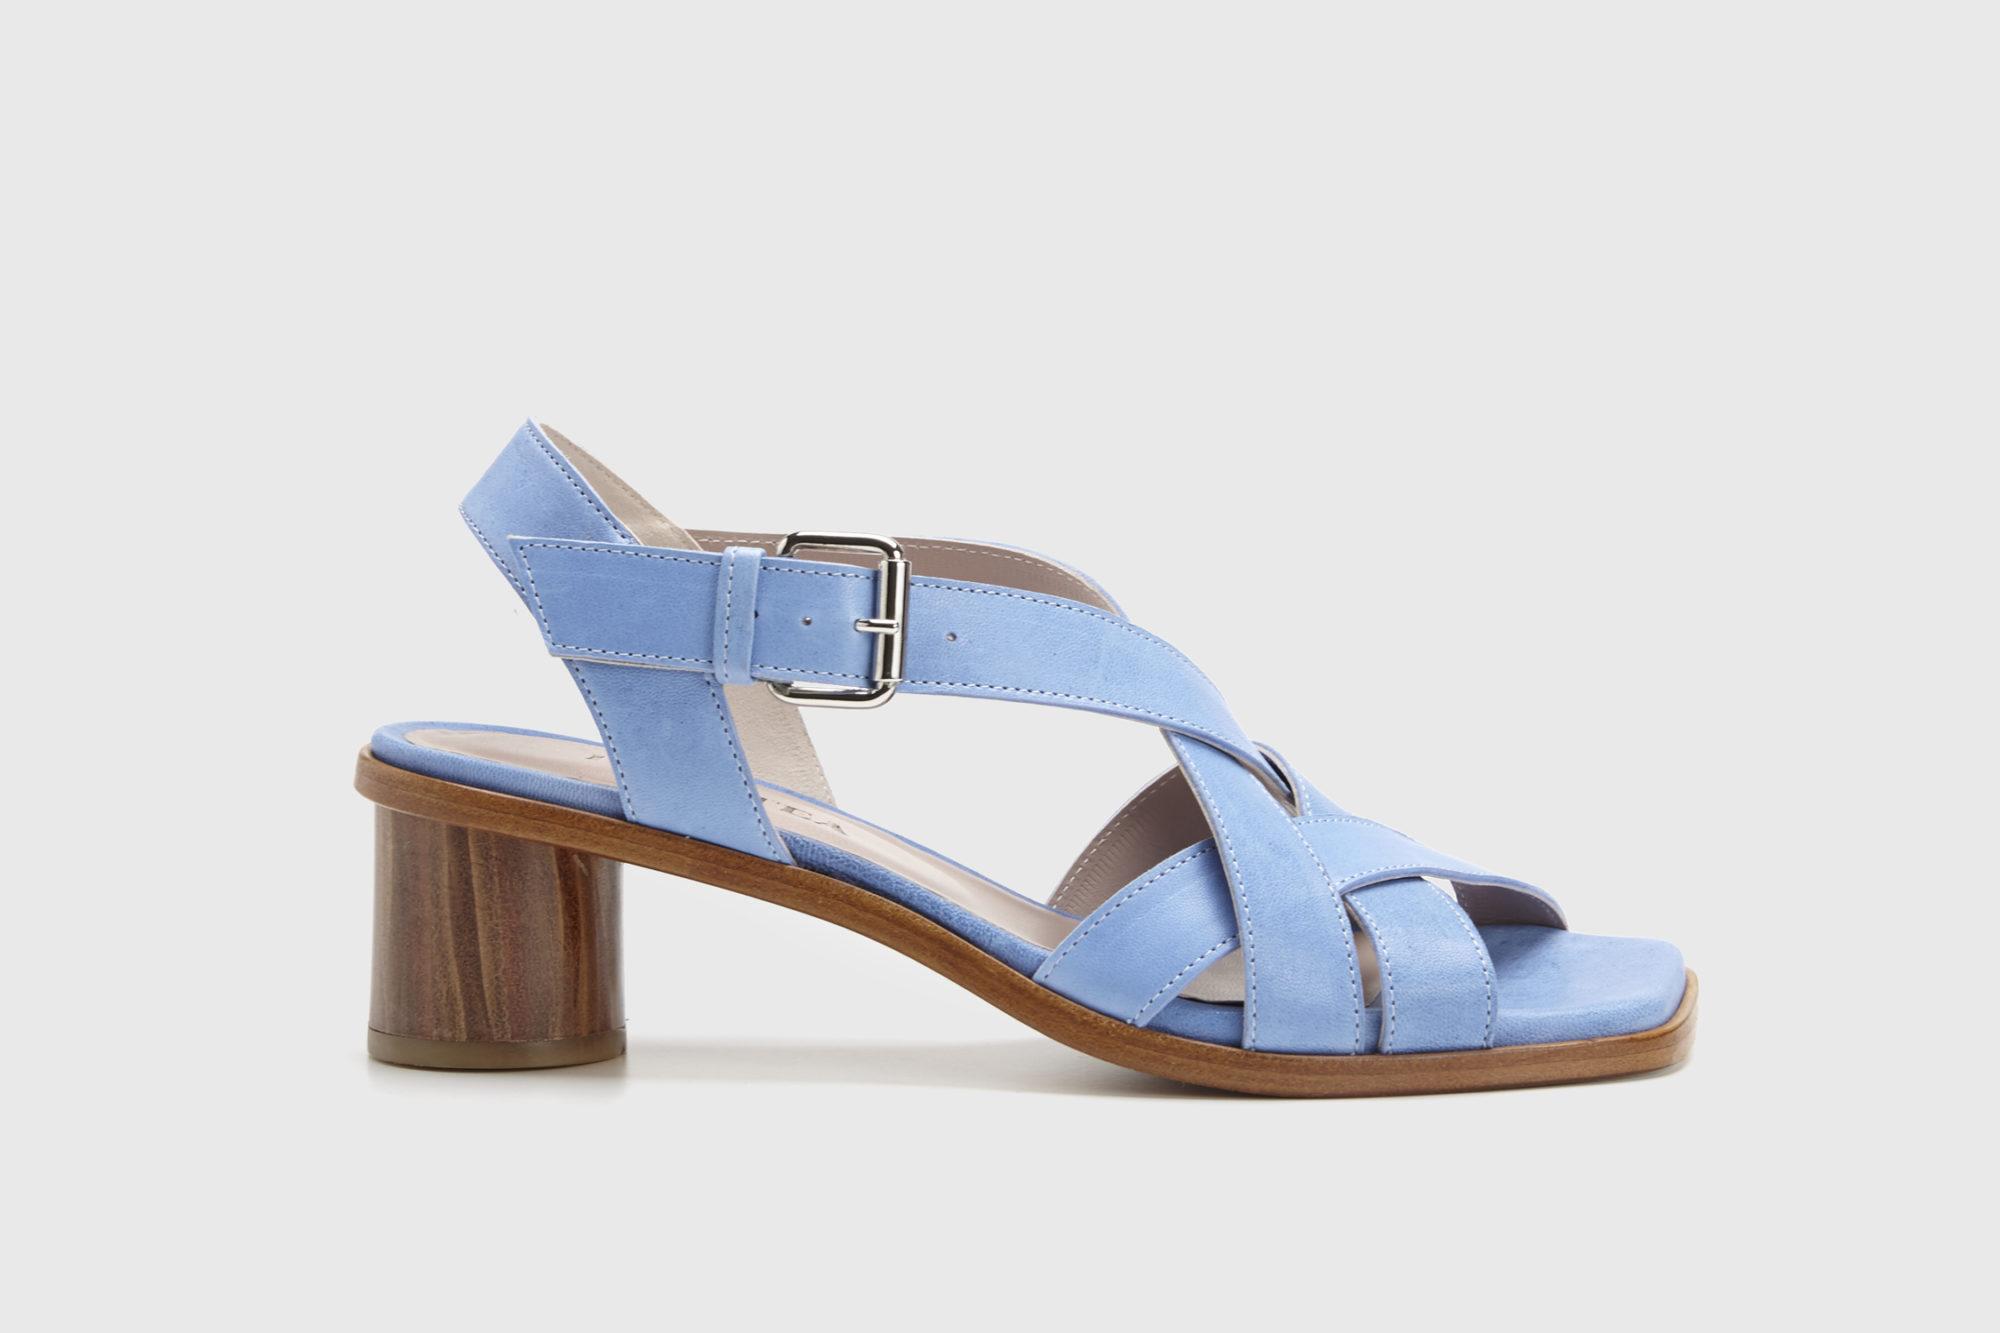 Sandalia de tacón medio Jeanne azul ss17 perfil